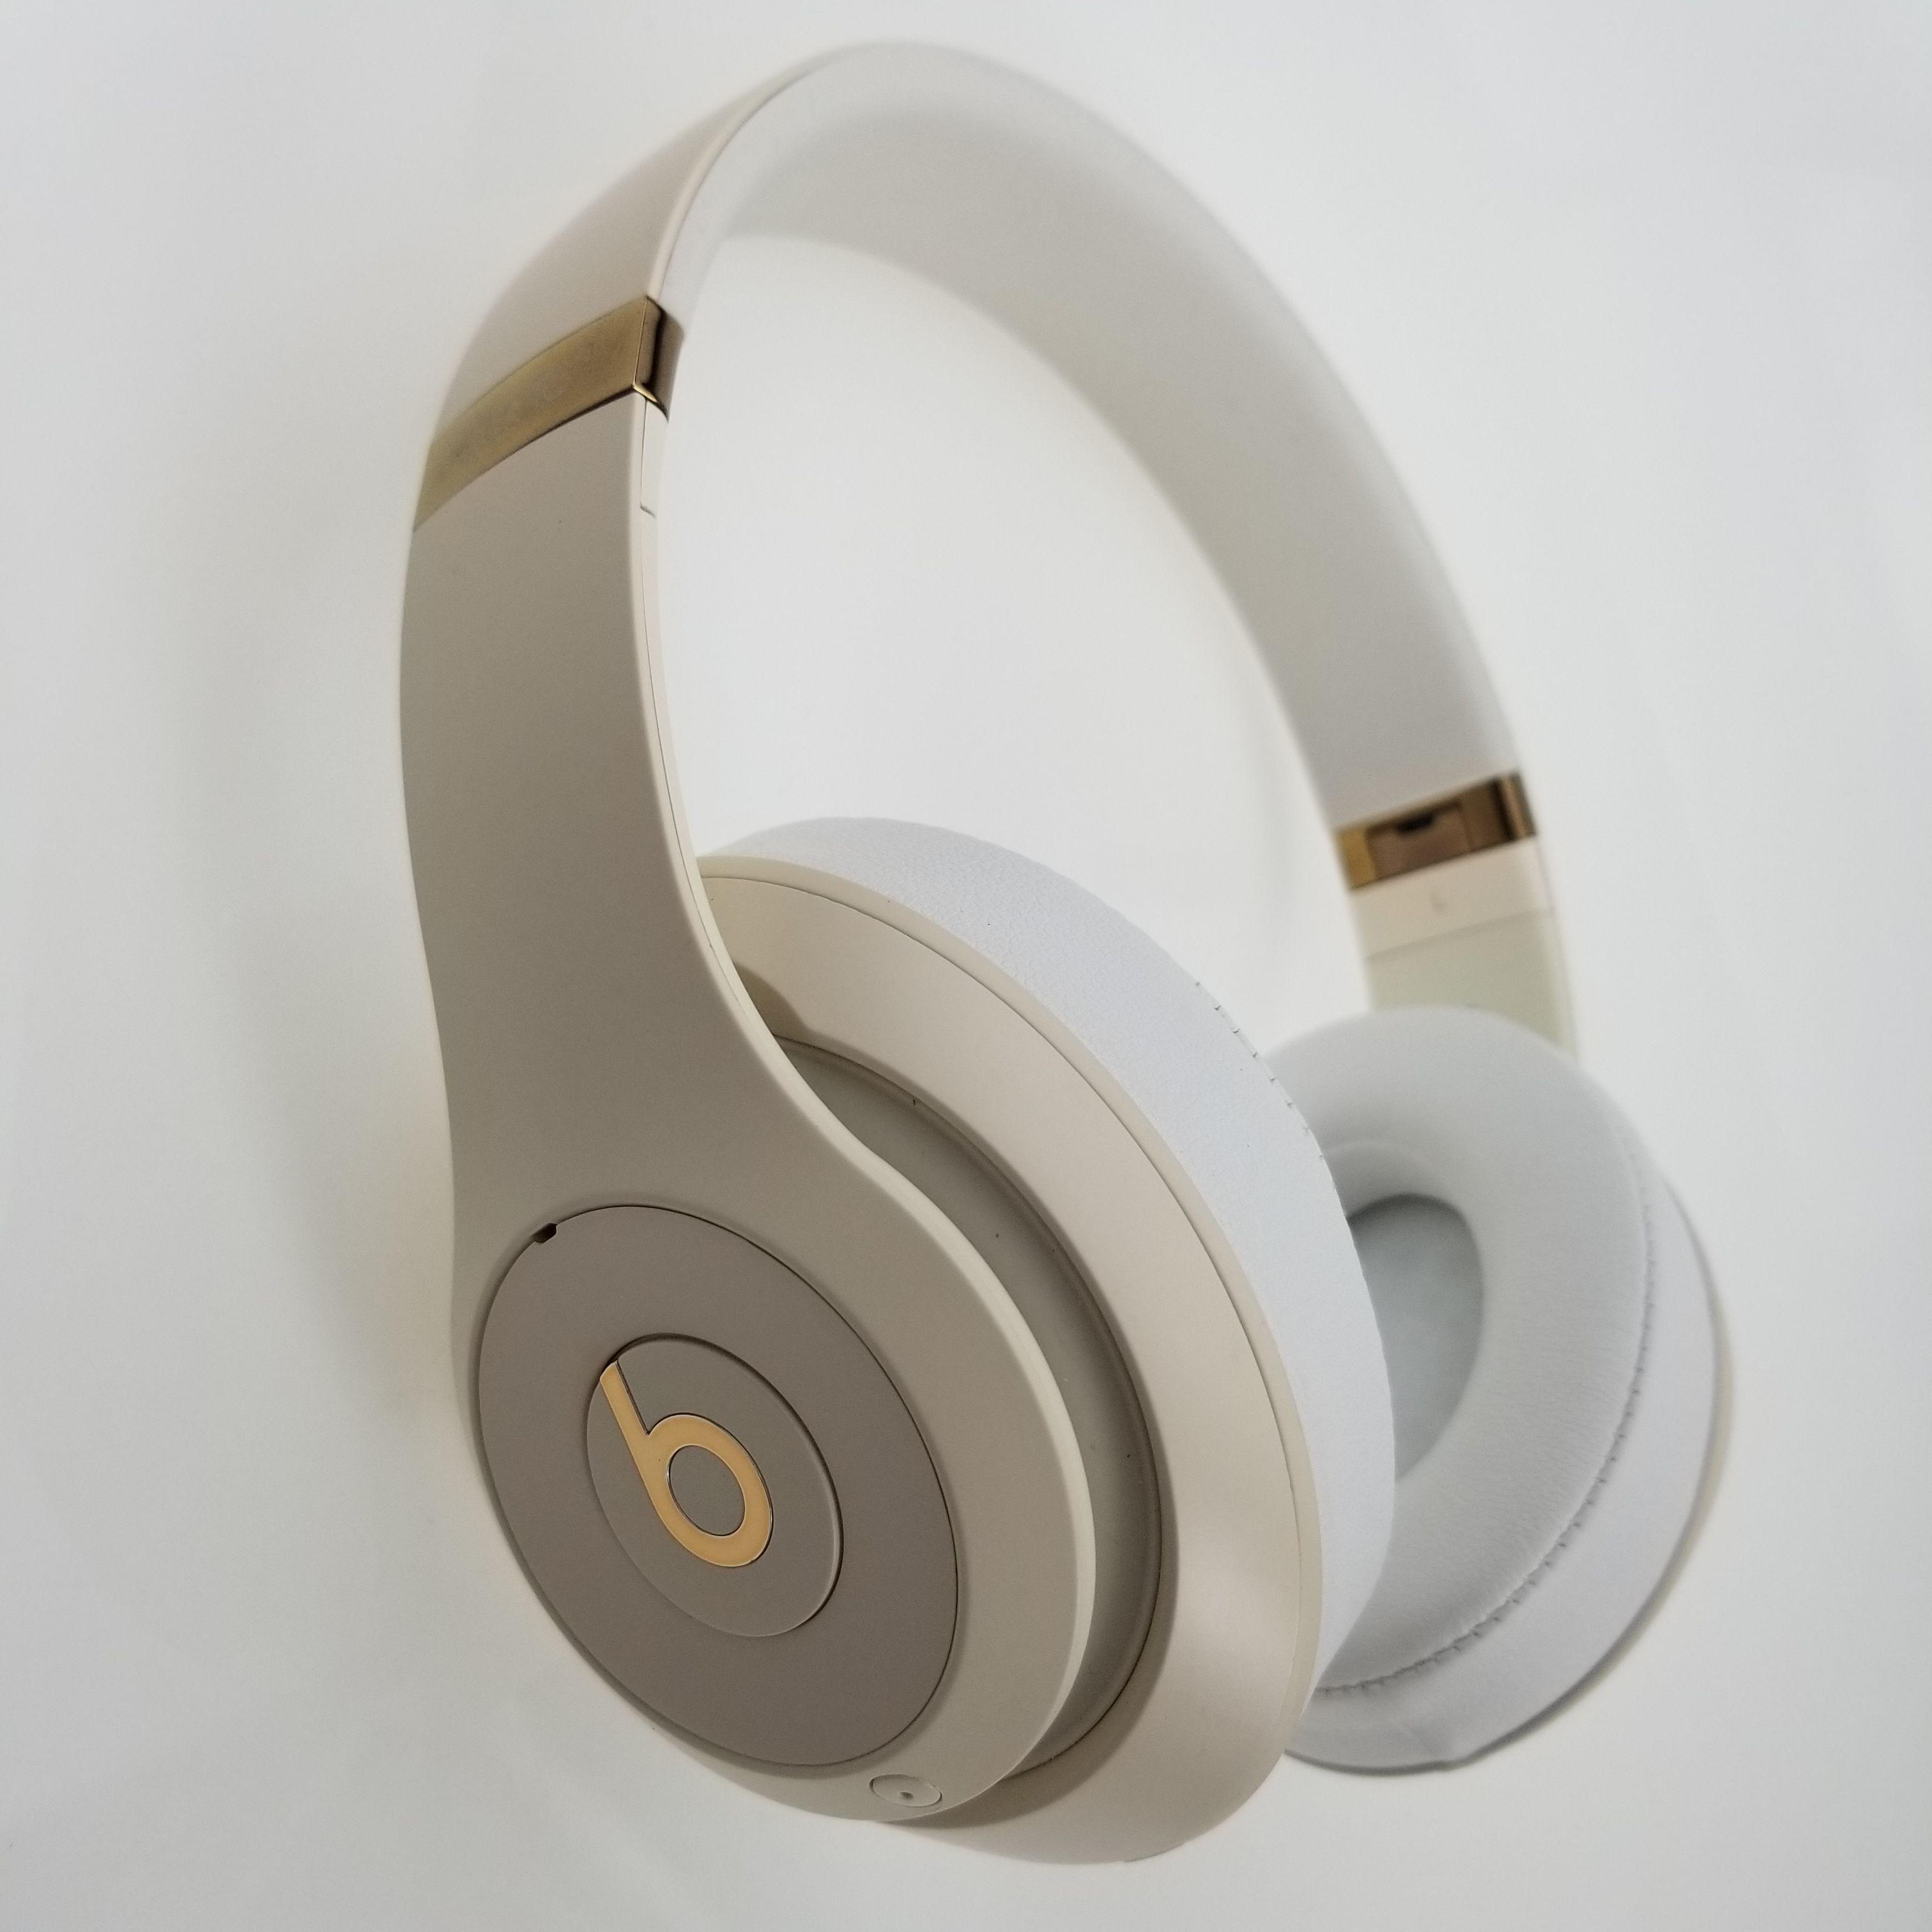 Schlägt Studio3 Original Über-Ohr Headset Hände-freies Kopfhörer Drahtlose Bluetooth Kopfhörer Musik Schnelle Ladung Anti Lärm